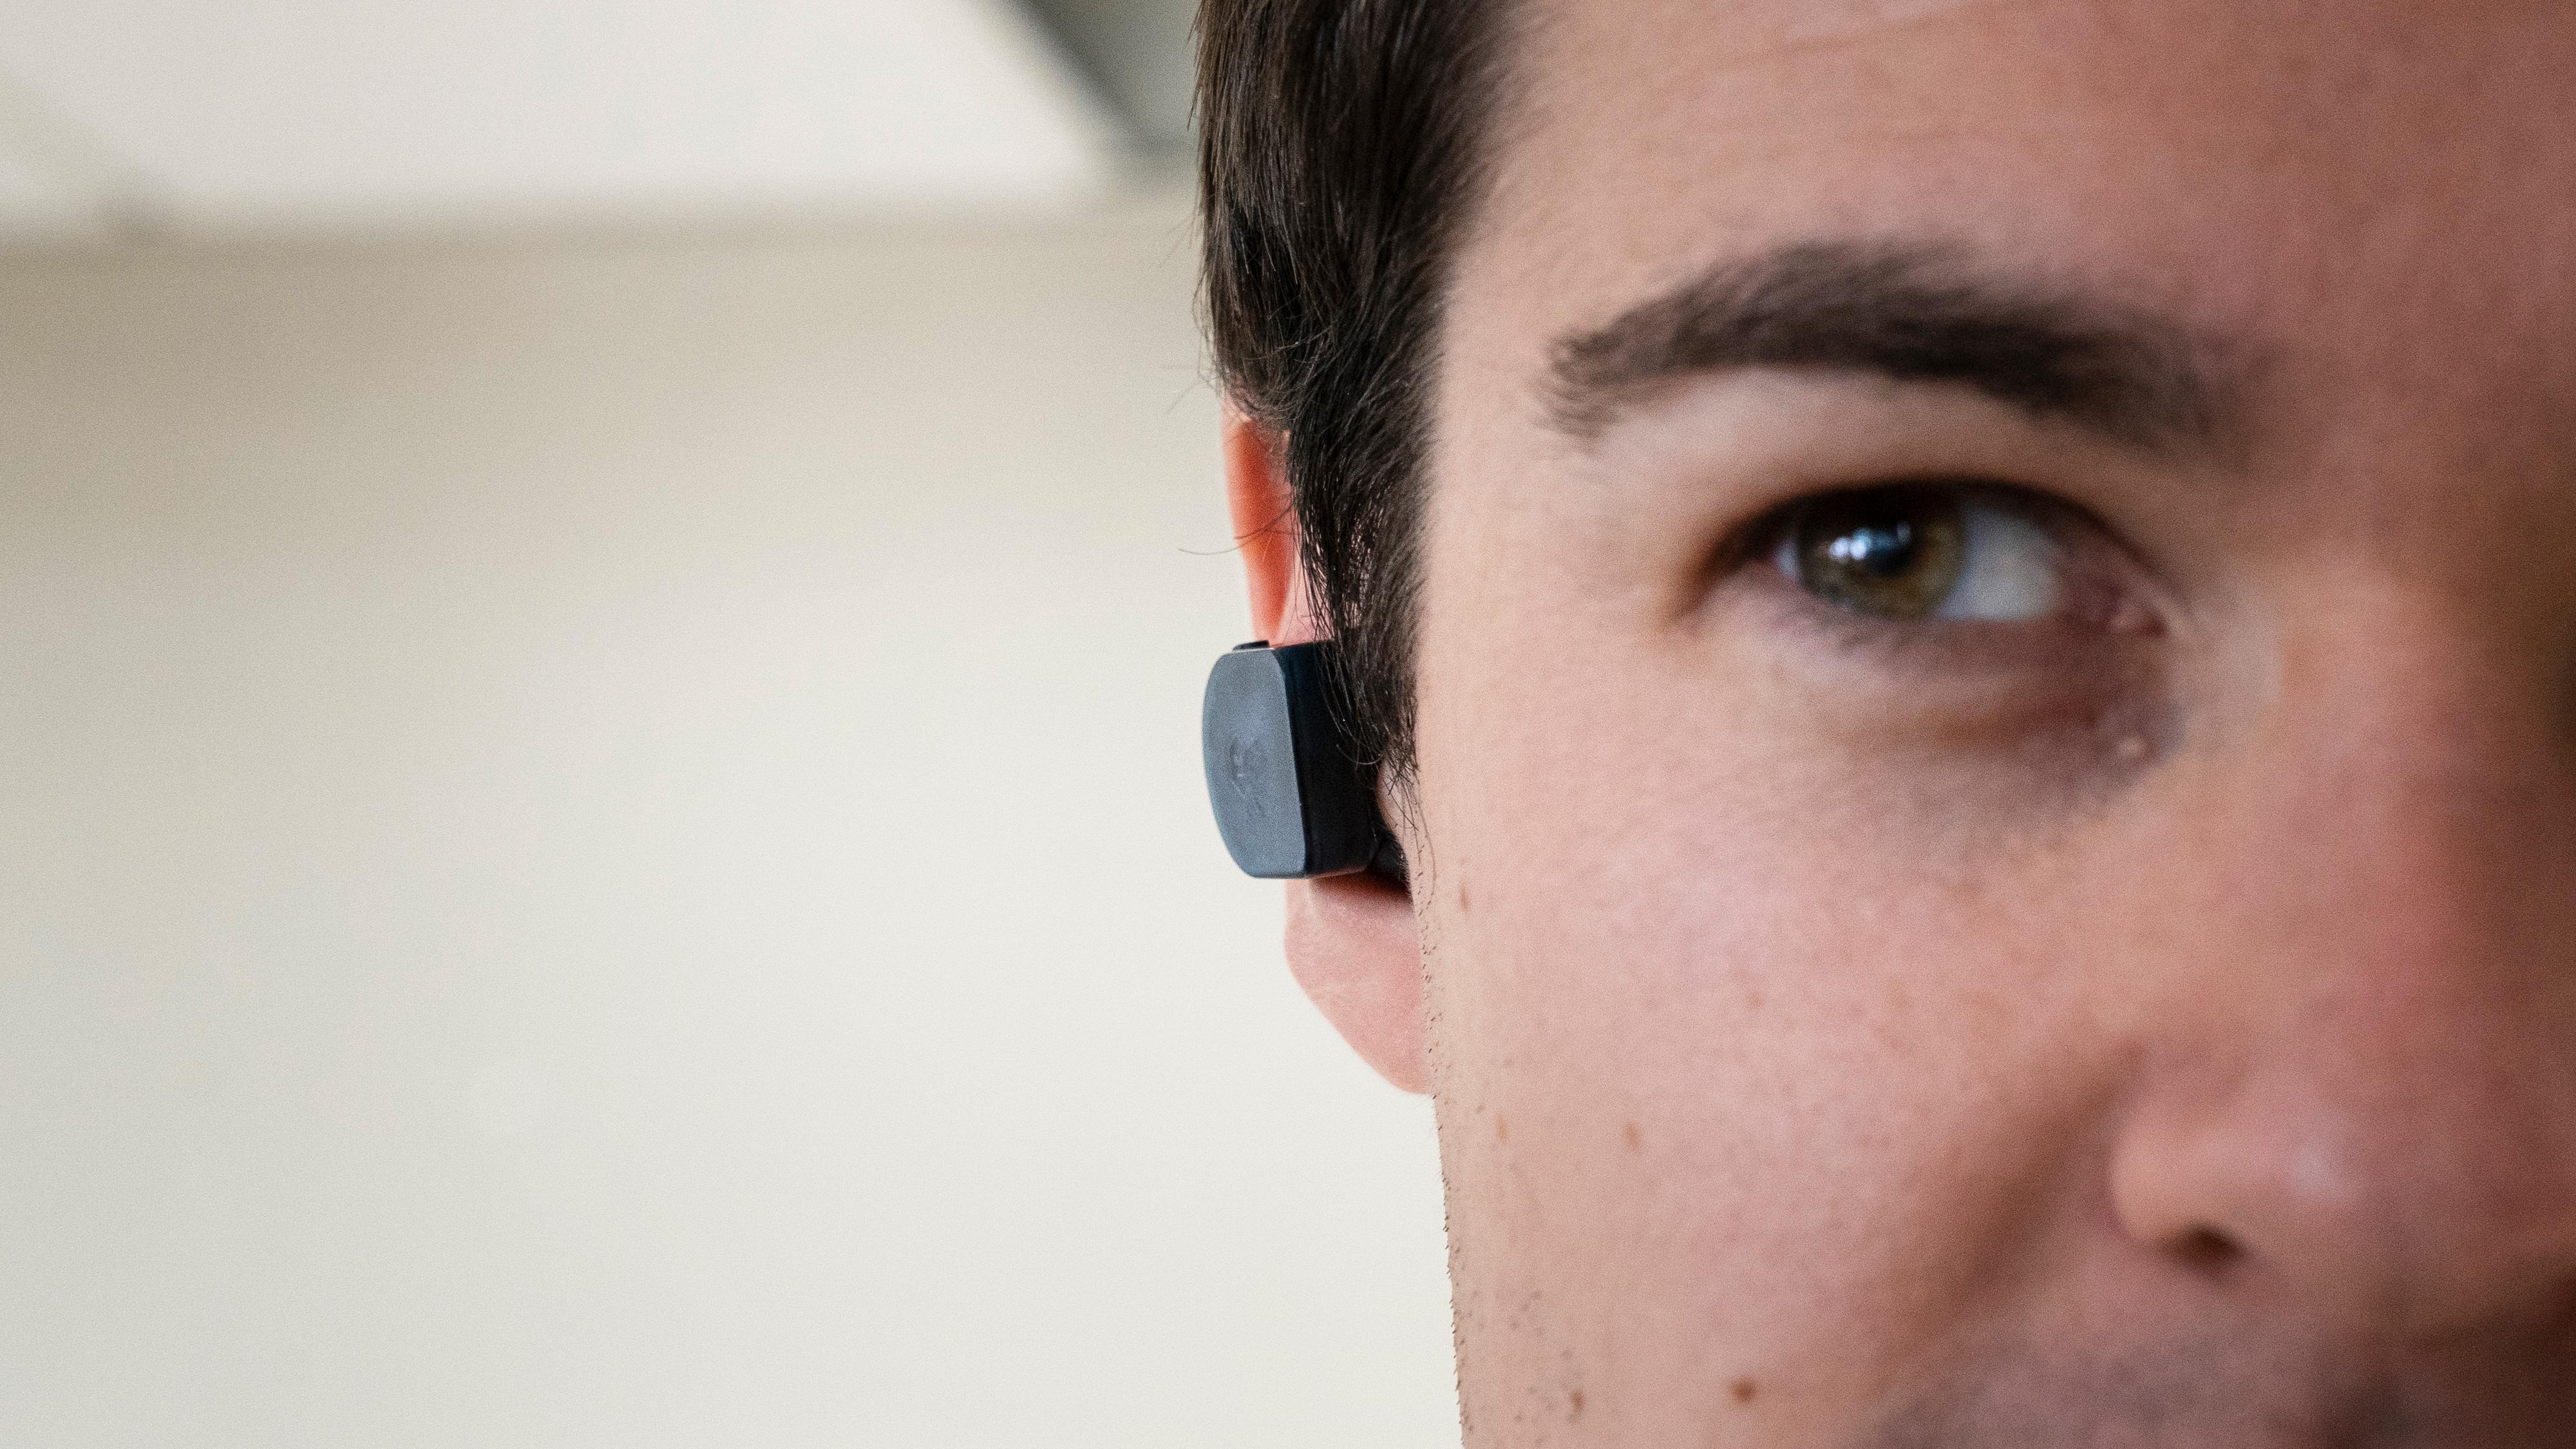 MW07 er rimelig diskré øreplugger. Vi har sett betraktelig mer utstikkende eksempler enn dette.